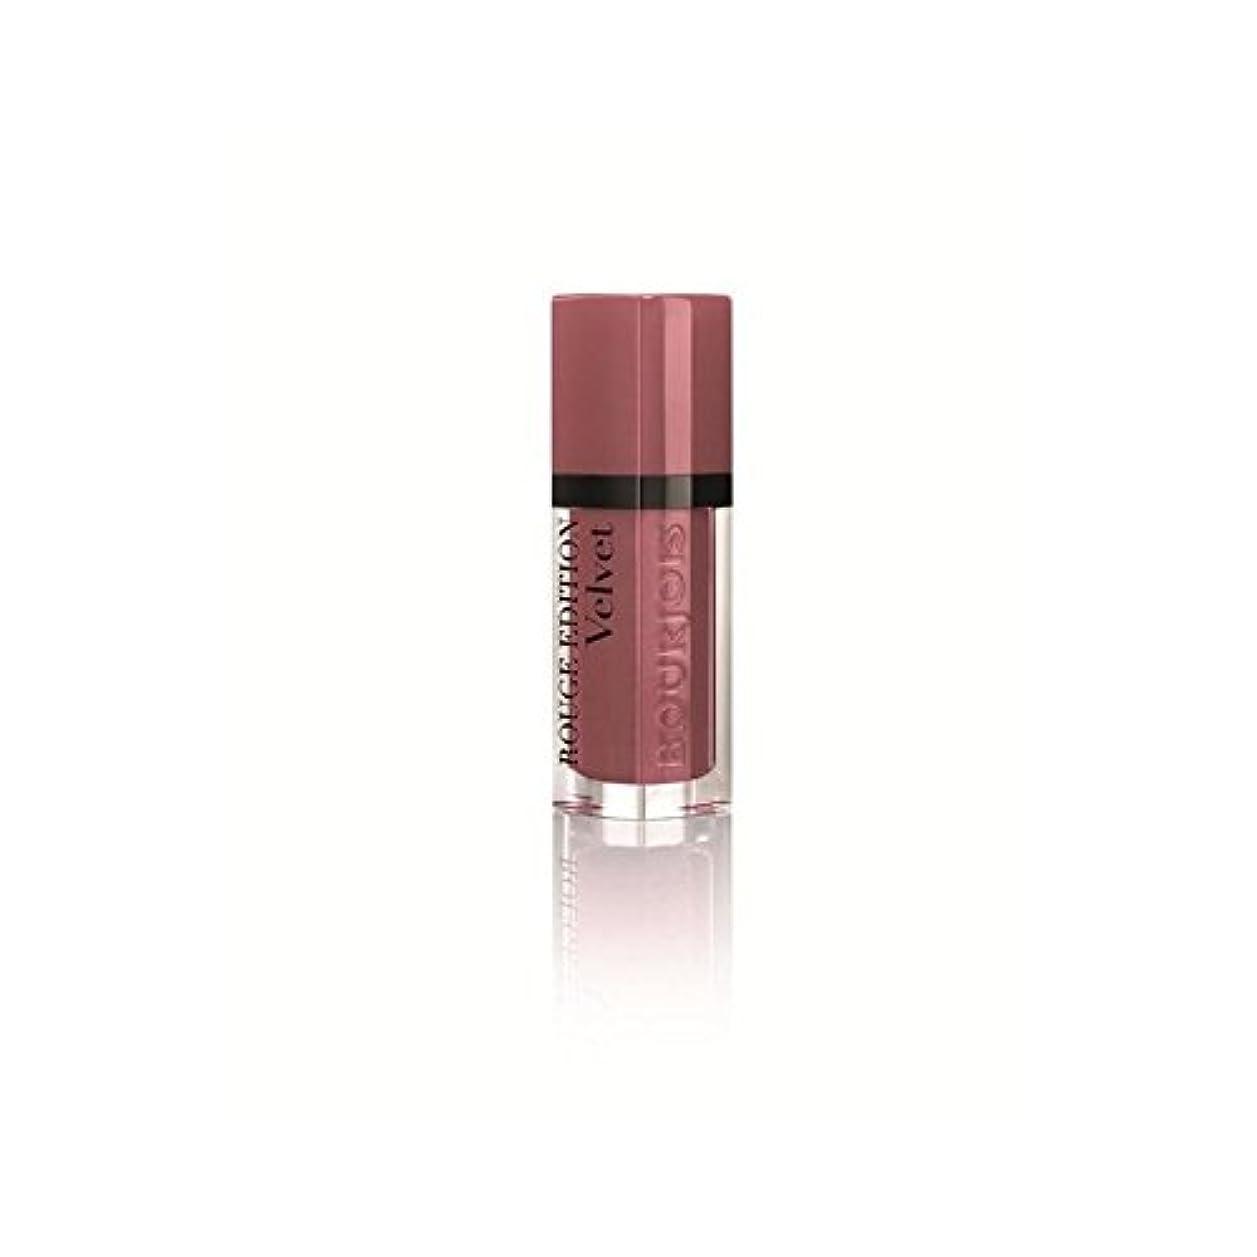 切り刻む晩餐フェッチルージュ口紅、ベルベットヌード-Ist T07の6ミリリットル (Bourjois) (x 4) - Bourjois Rouge Lipstick, Velvet Nude-ist T07 6ml (Pack of 4) [並行輸入品]